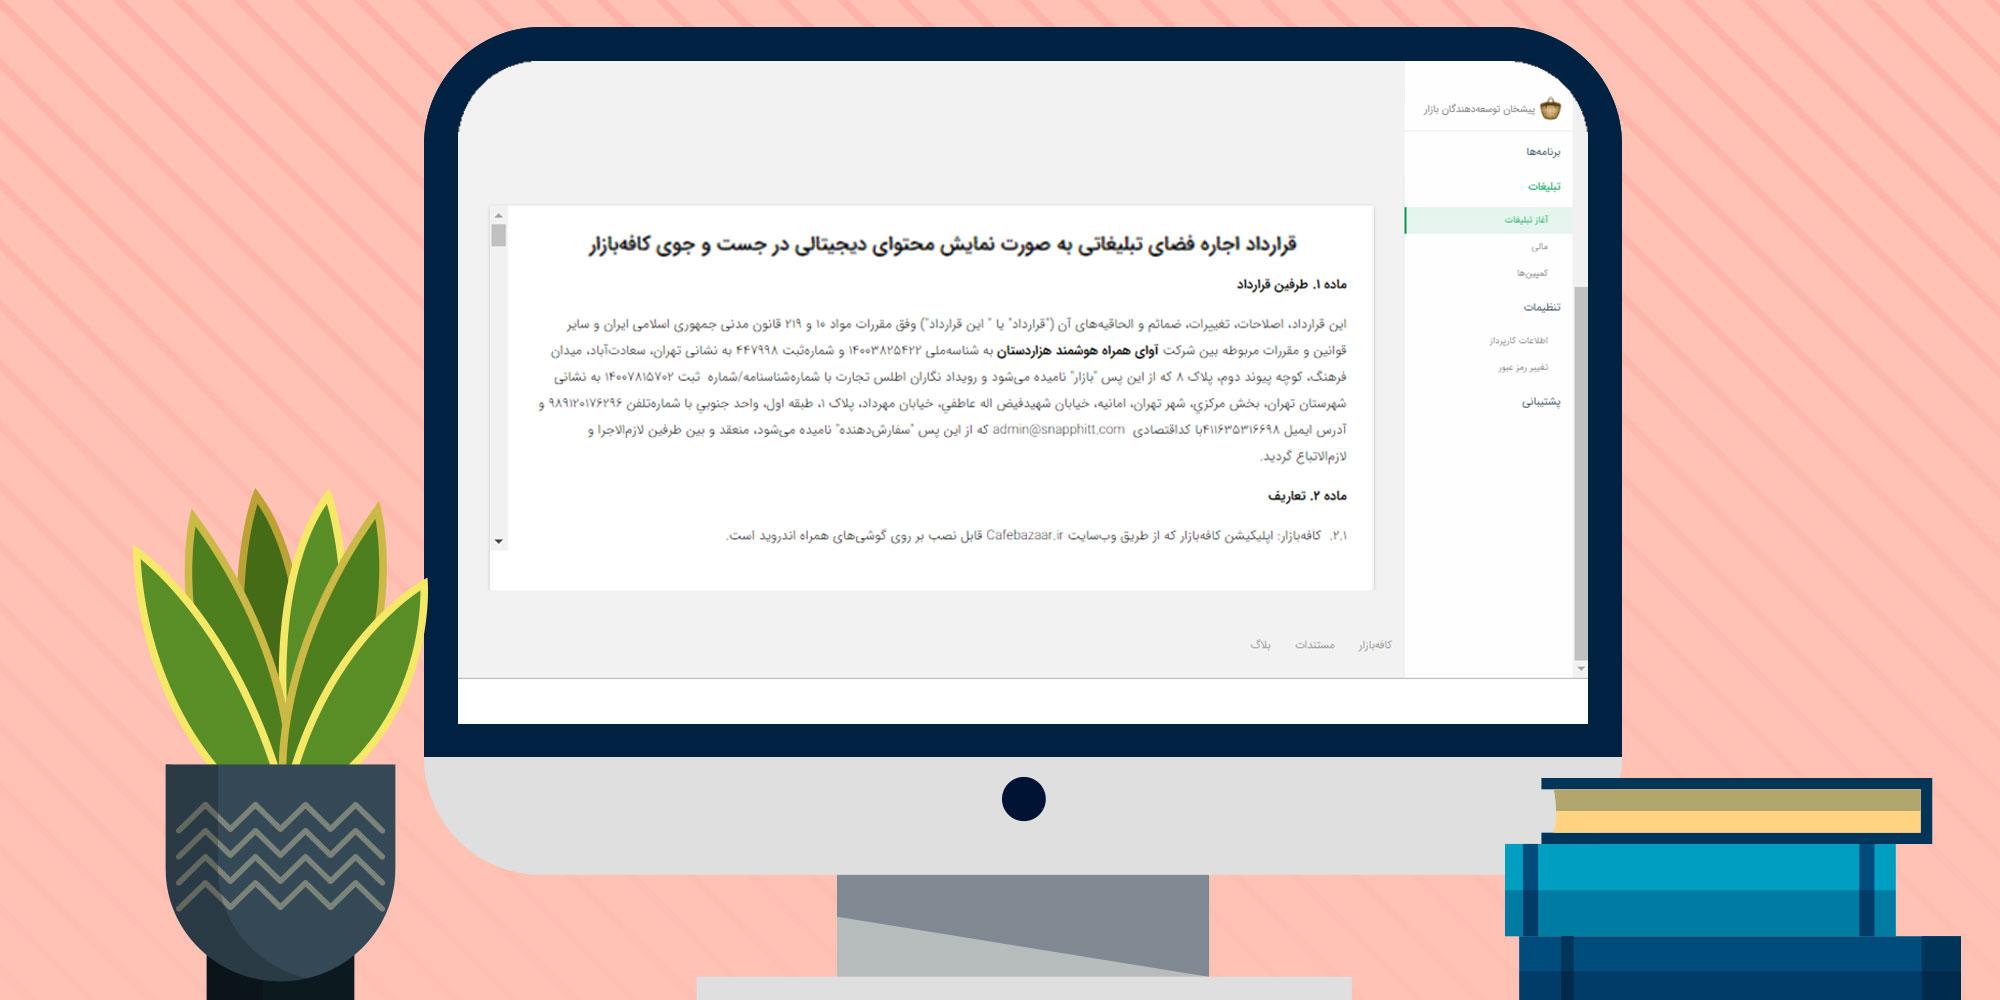 امضای قرارداد حقوقی، شرط استفاده از تبلیغات در جستجوی بازار